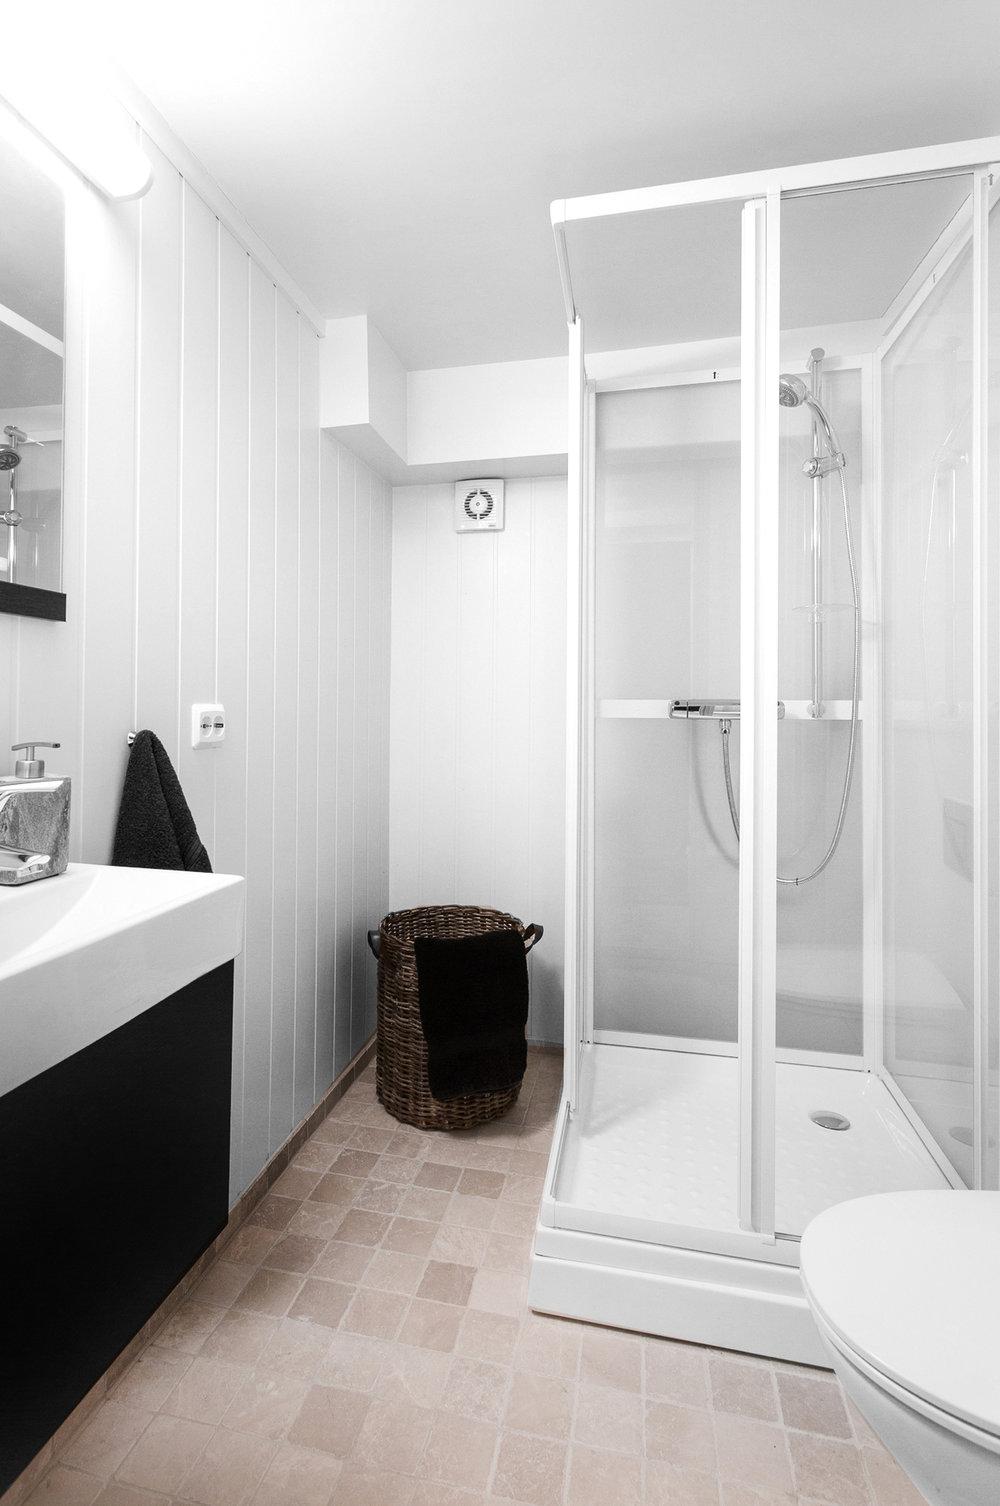 Lekkert bad i utleiedel. Fliser på gulv og malt panel på vegg. Opplegg for vaskemaskin.